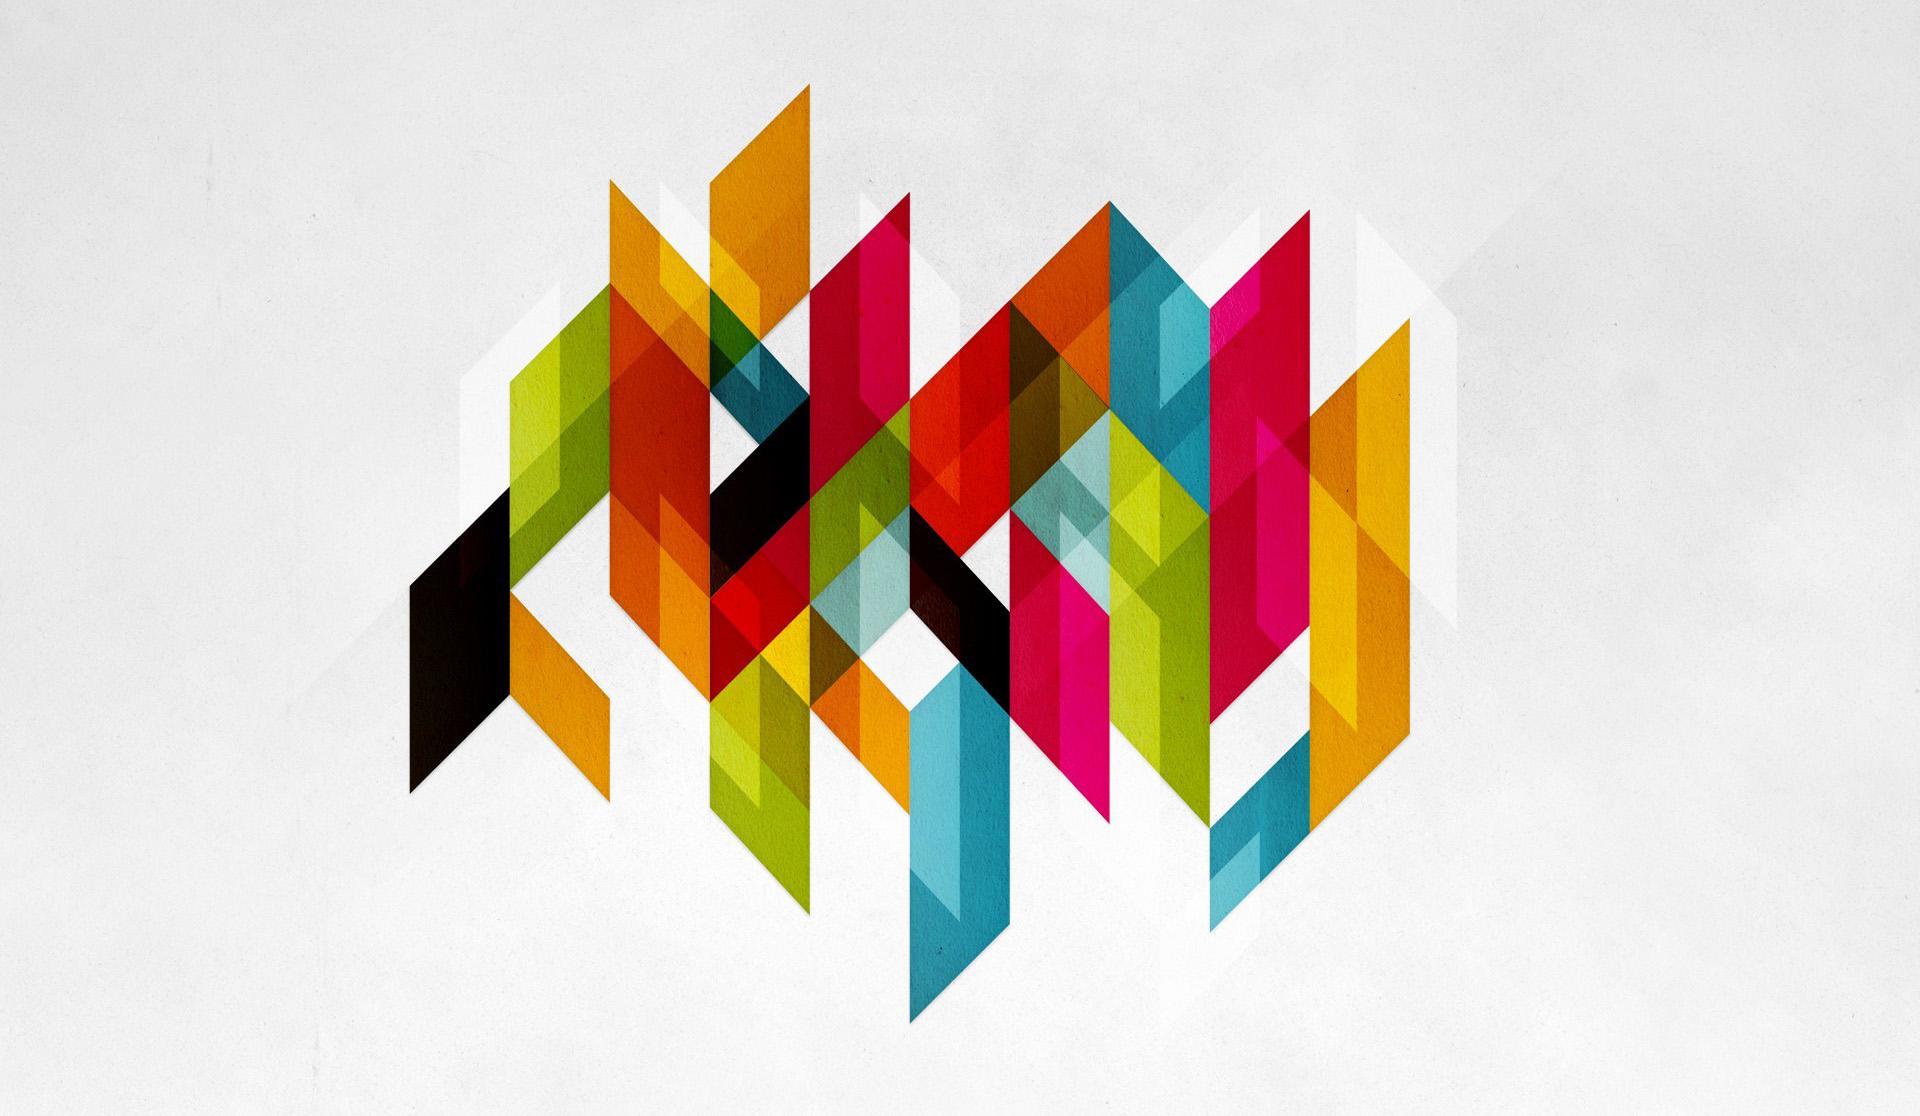 Wallpaper Illustration Graphic Design Roar Movie: Fond D'écran : Illustration, Logo, Symétrie, Conception